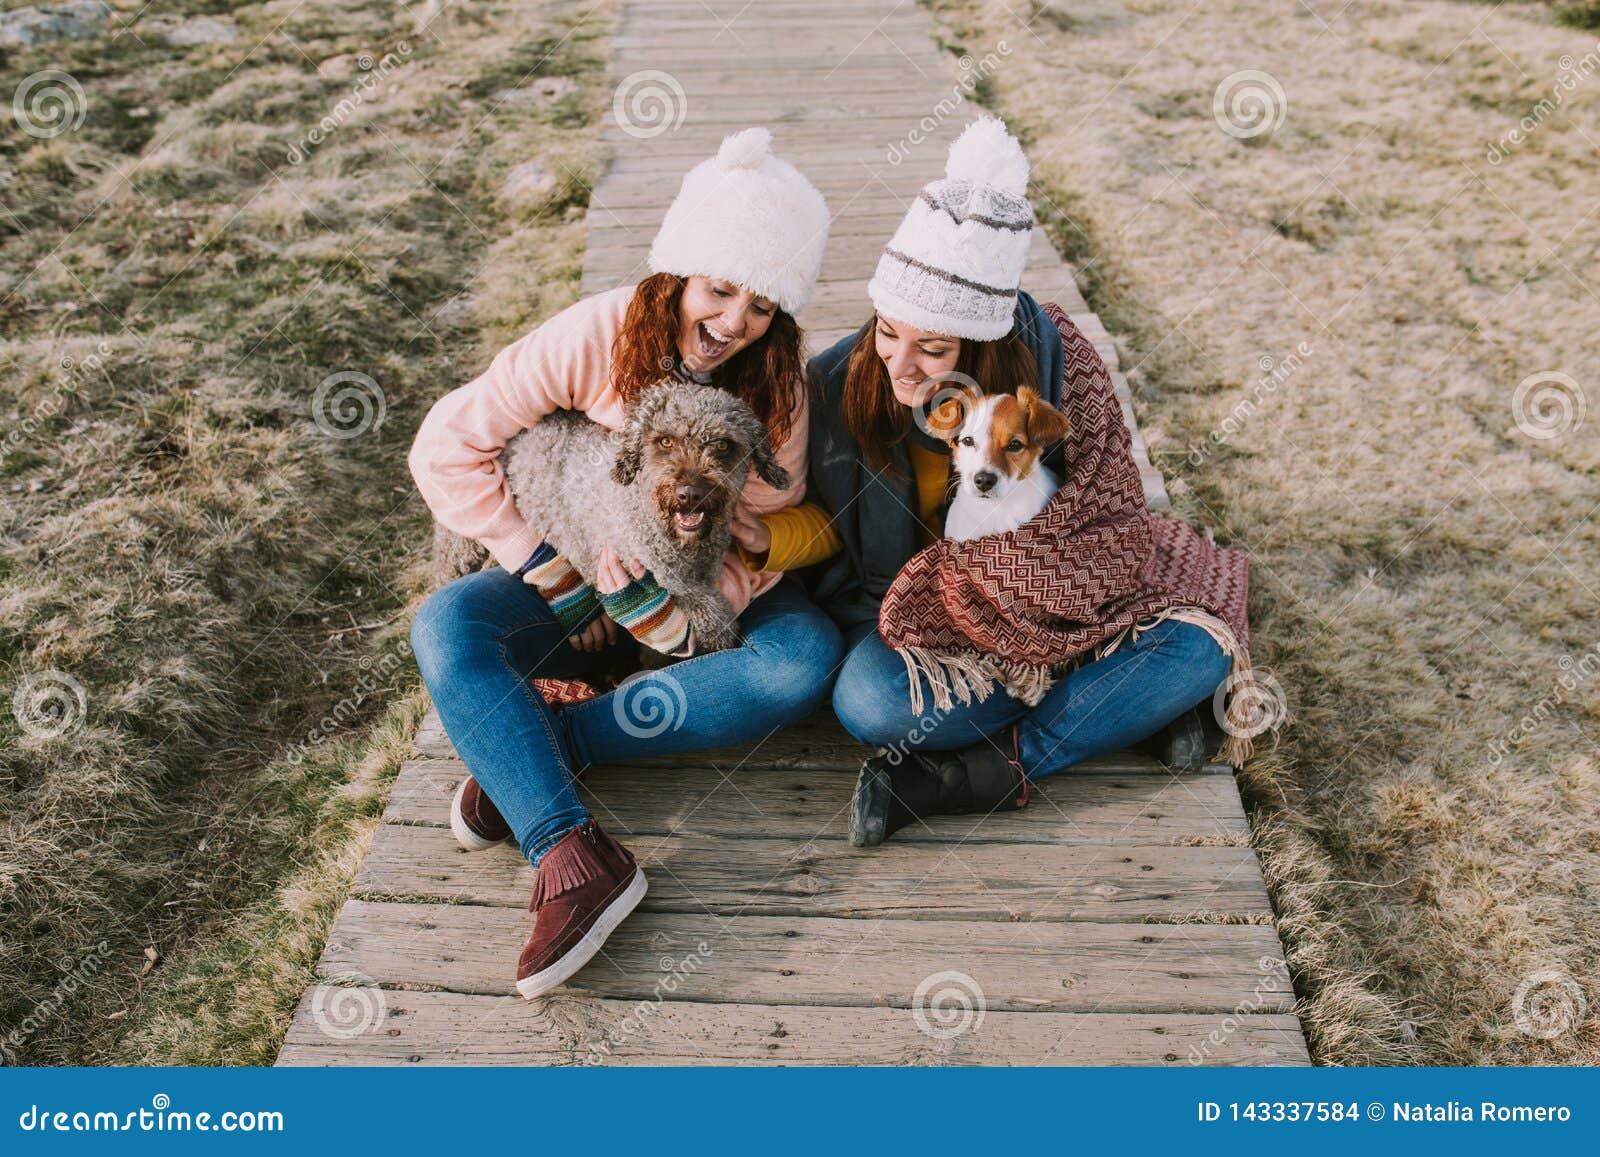 Envuelven a dos muchachas en una manta mientras que juegan con sus perros en el prado